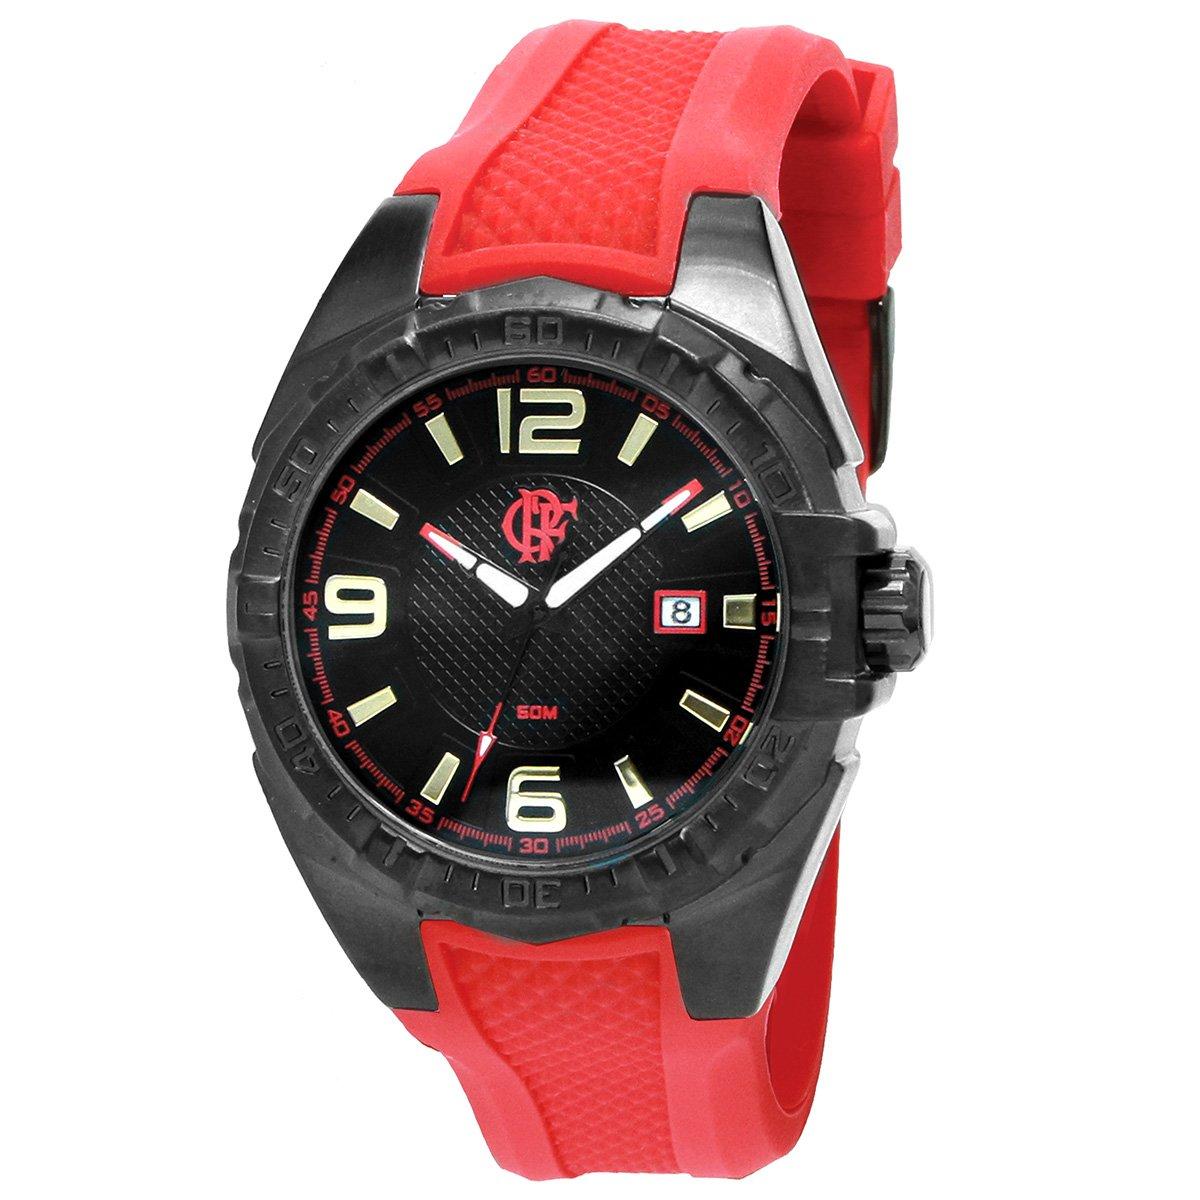 9e36bfef4b9f7 Relógio Flamengo Technos Analógico II - Compre Agora